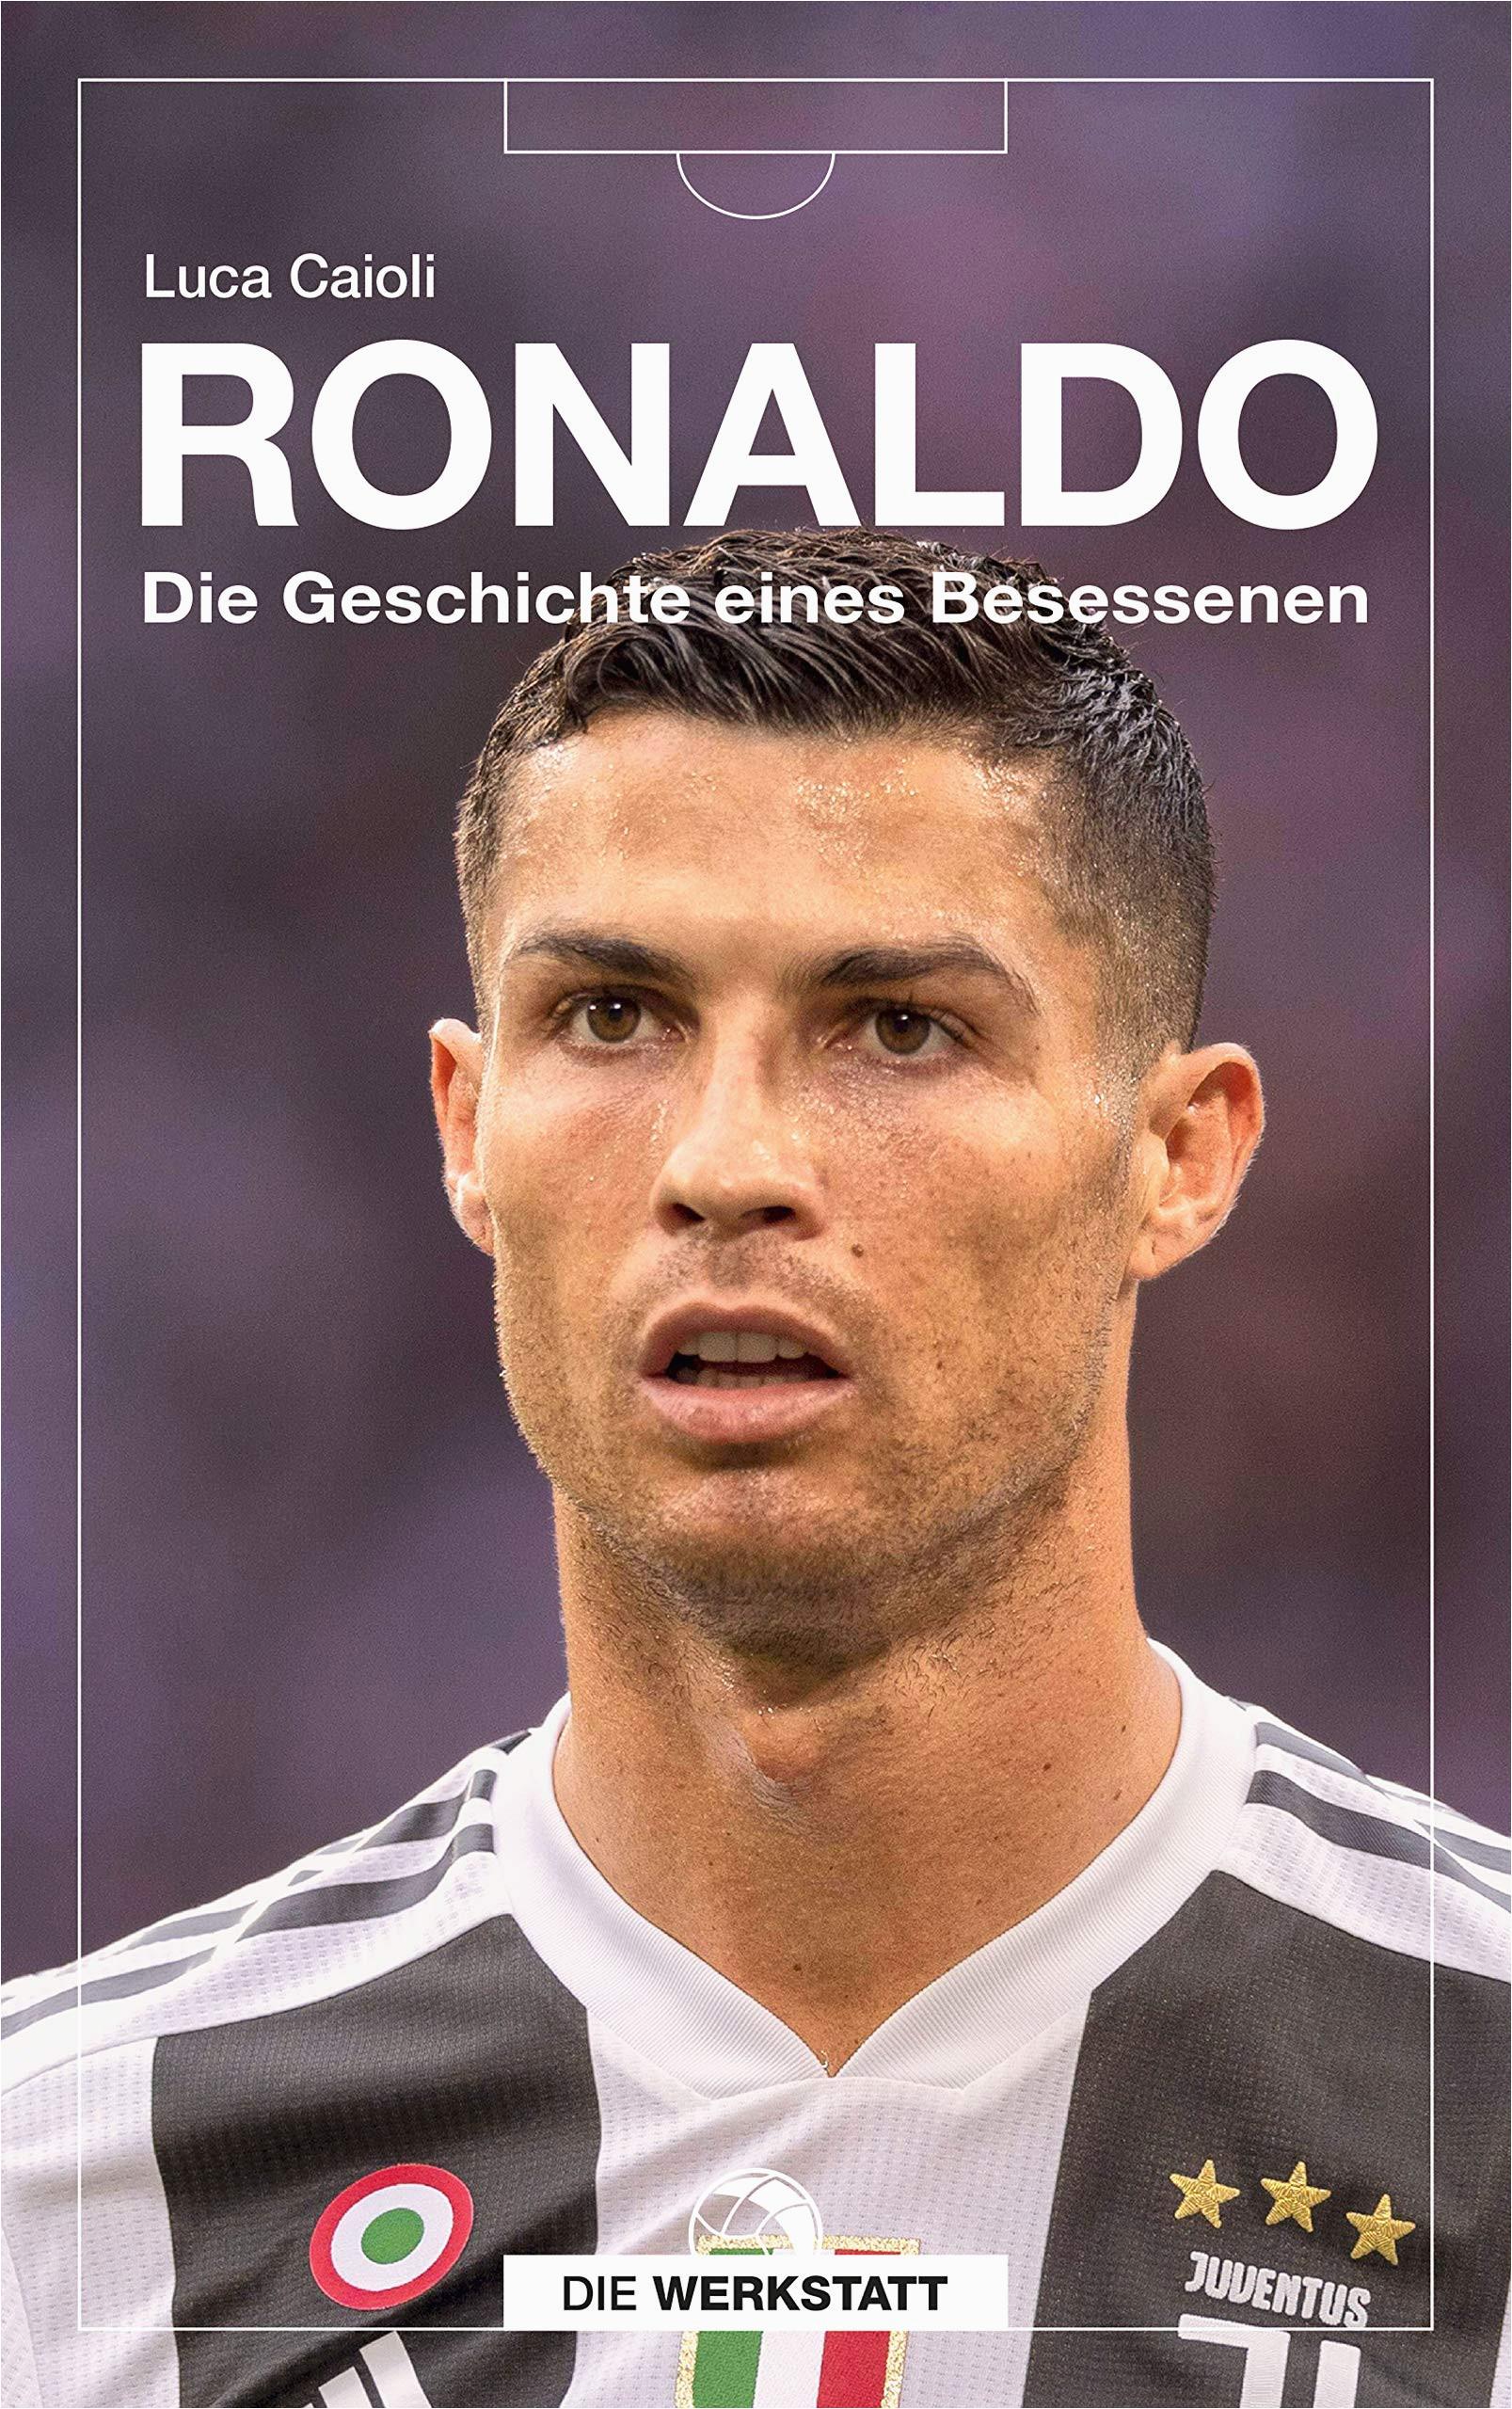 Cristiano Ronaldo Lebenslauf Deutsch Ronaldo Die Geschichte Eines Besessenen Amazon Caioli